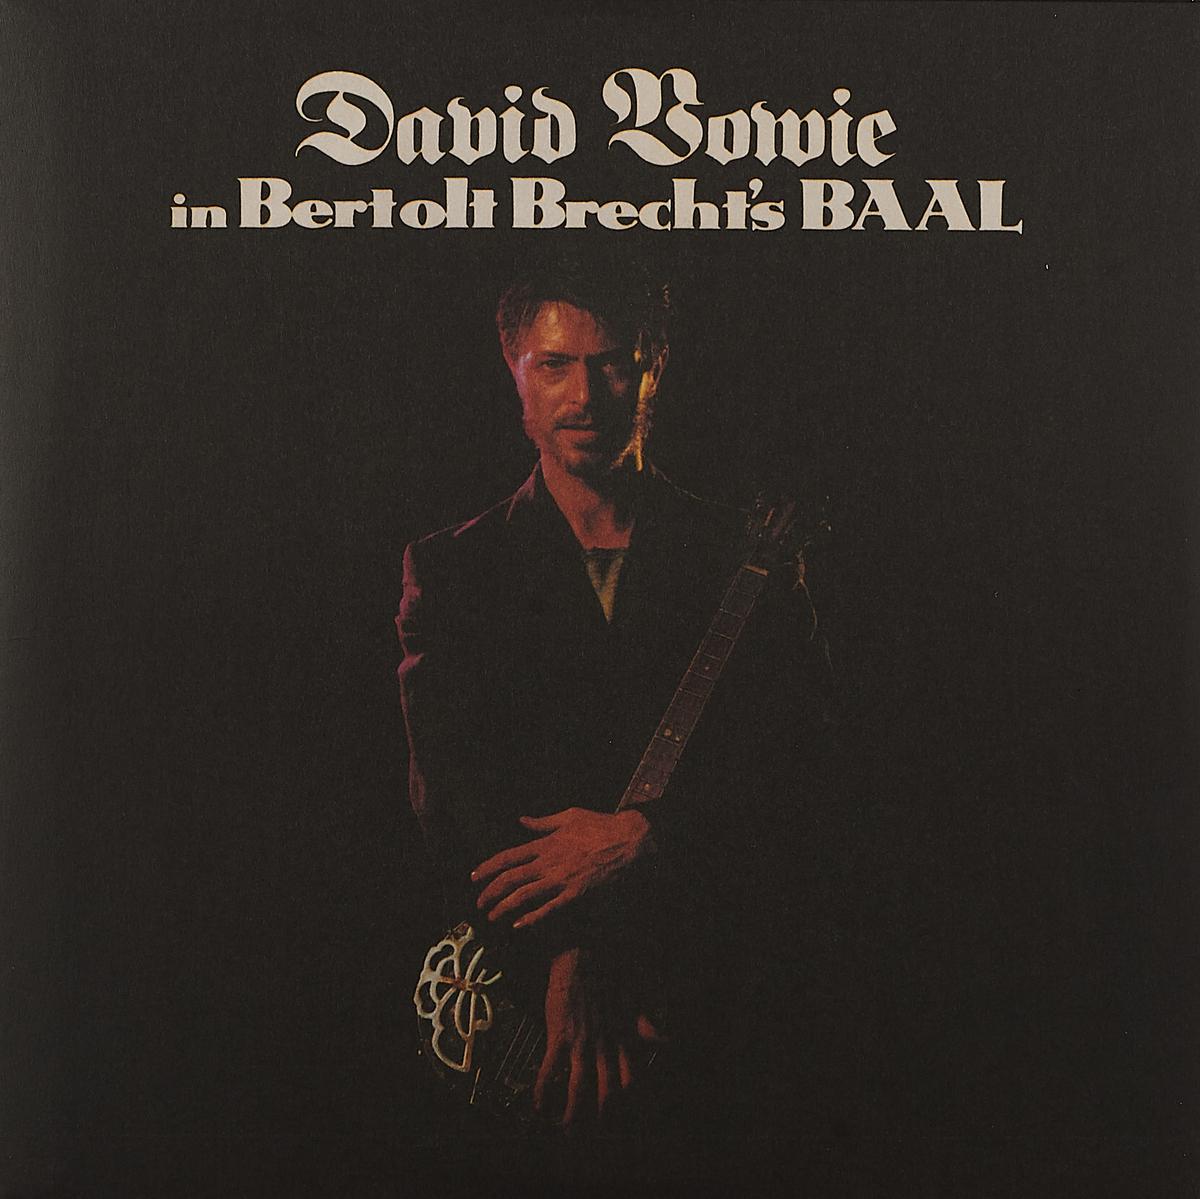 Дэвид Боуи David Bowie. David Bowie In Bertolt Brecht's Baal (LP) недорго, оригинальная цена